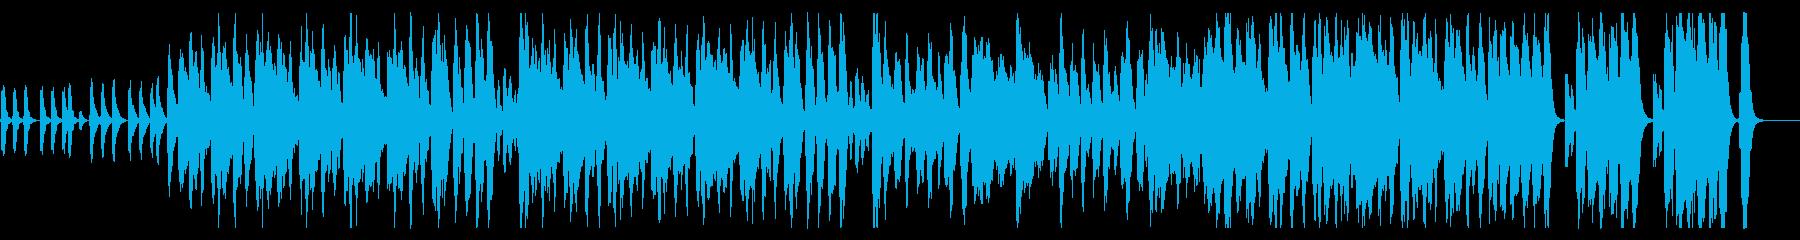 南国を思わせる明るい楽曲の再生済みの波形